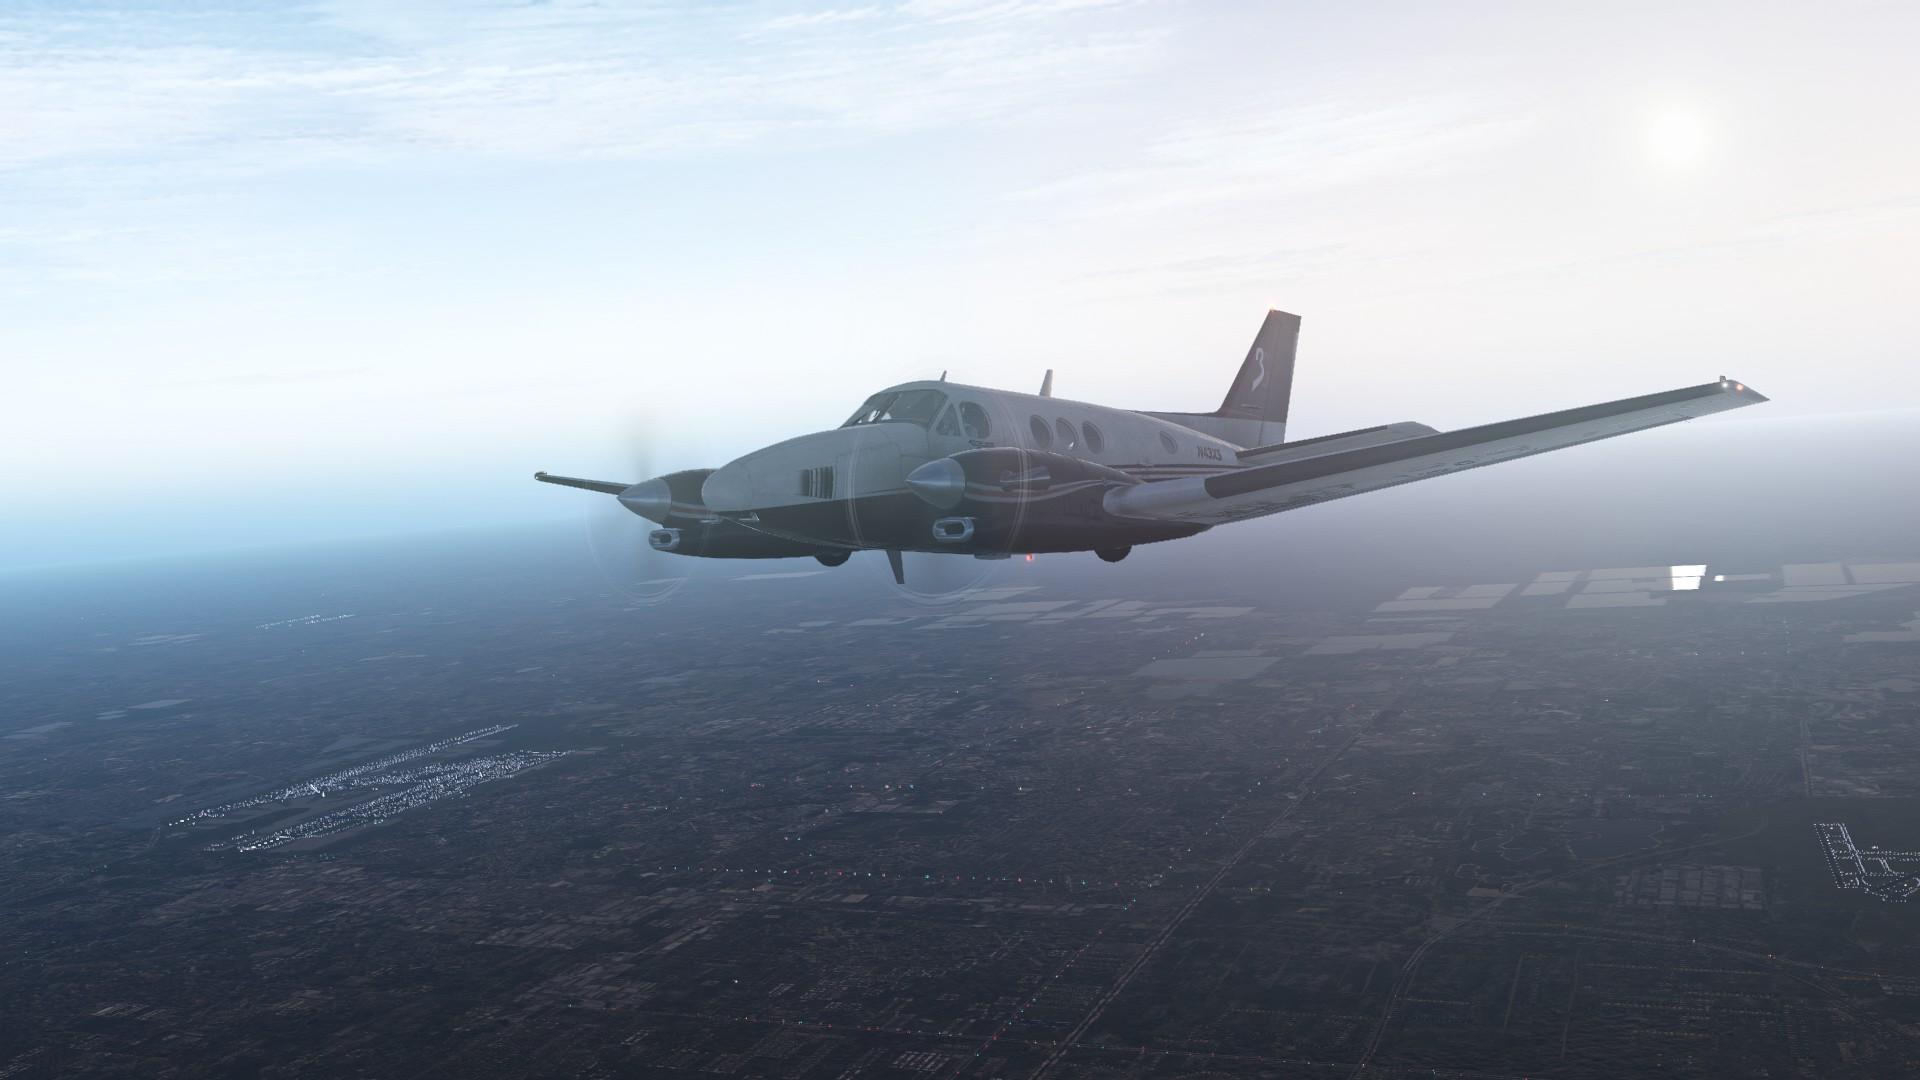 X Plane 11 King Air Over Fl